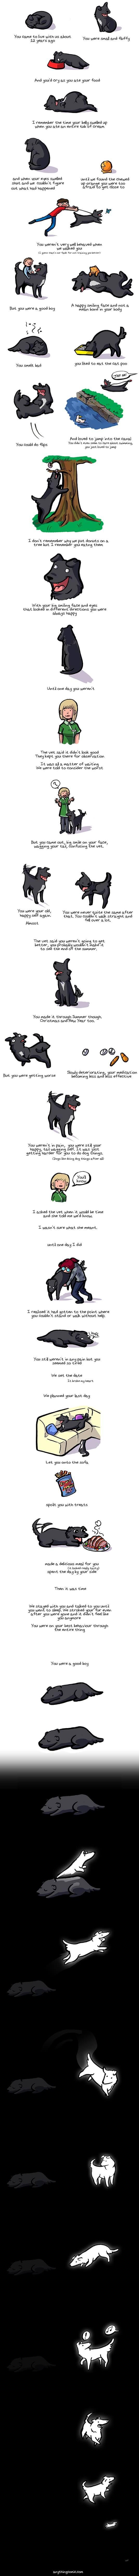 dog life comic, comic of a dog's life